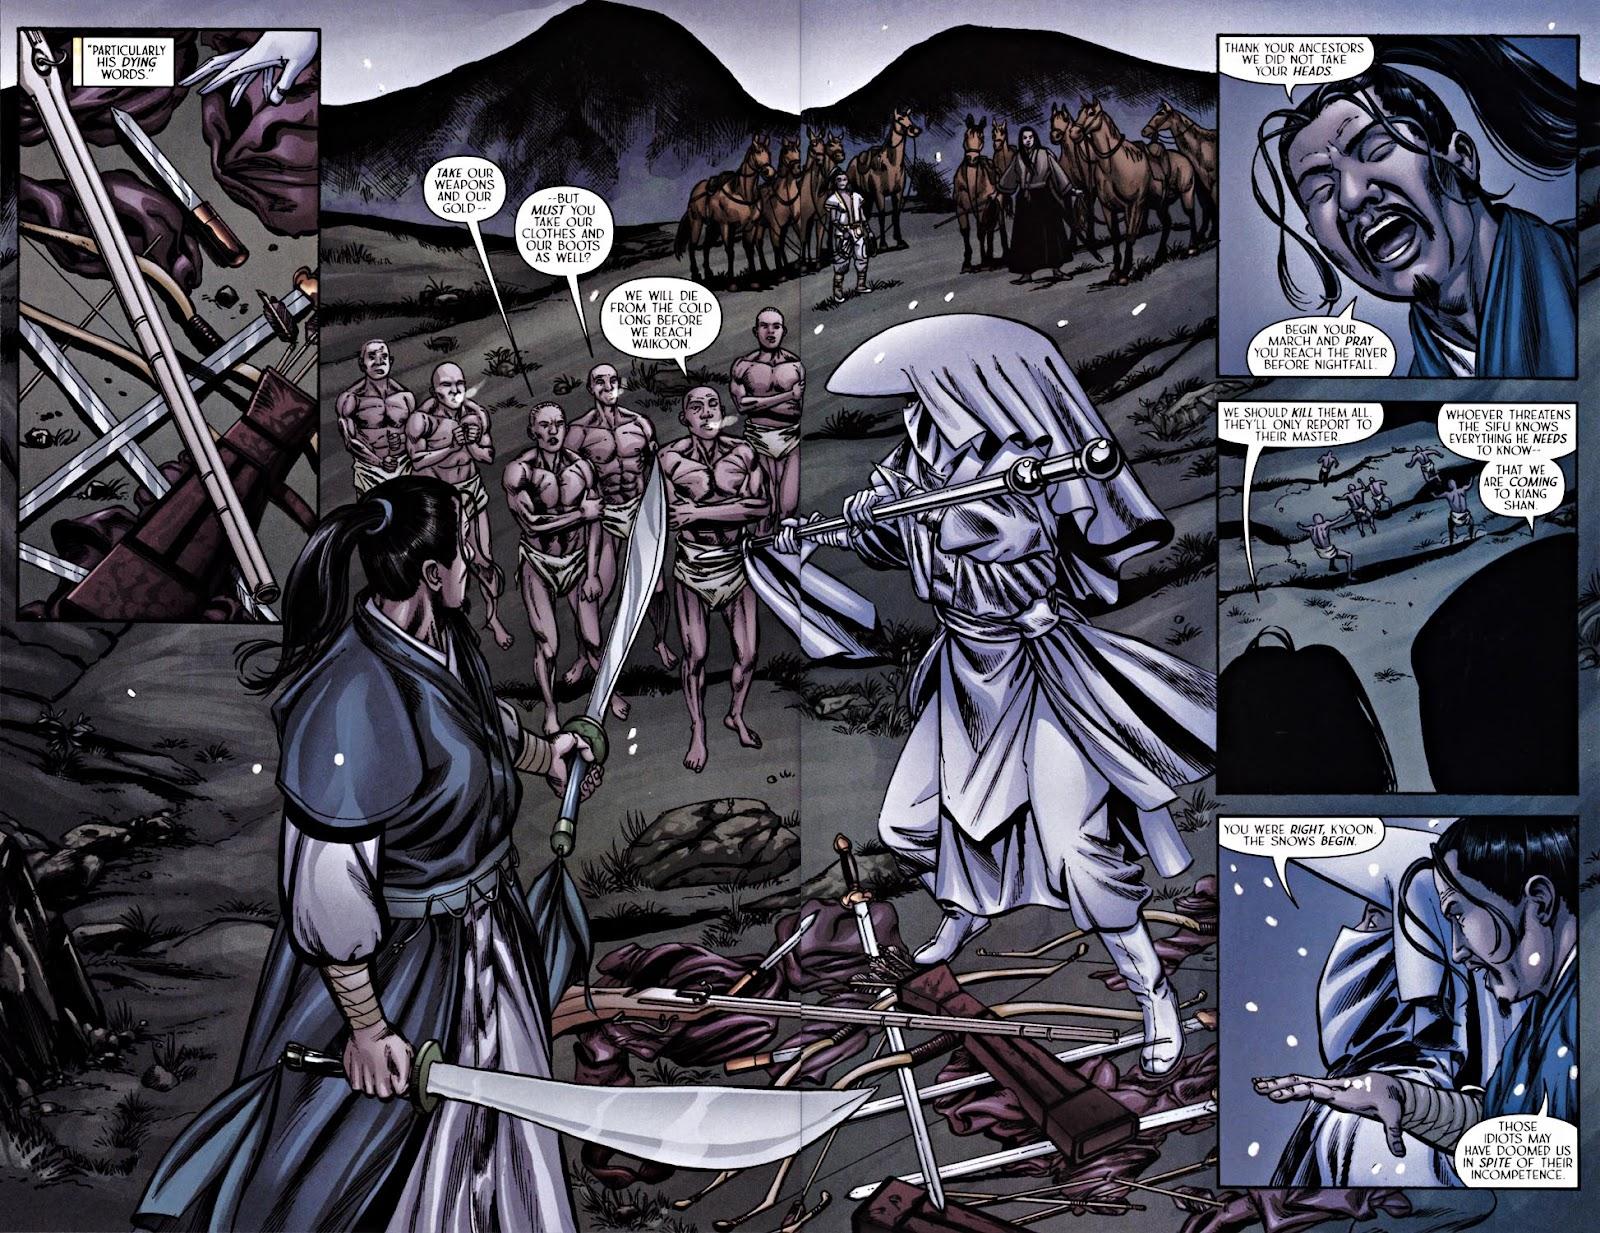 Read online Silken Ghost comic -  Issue #2 - 18